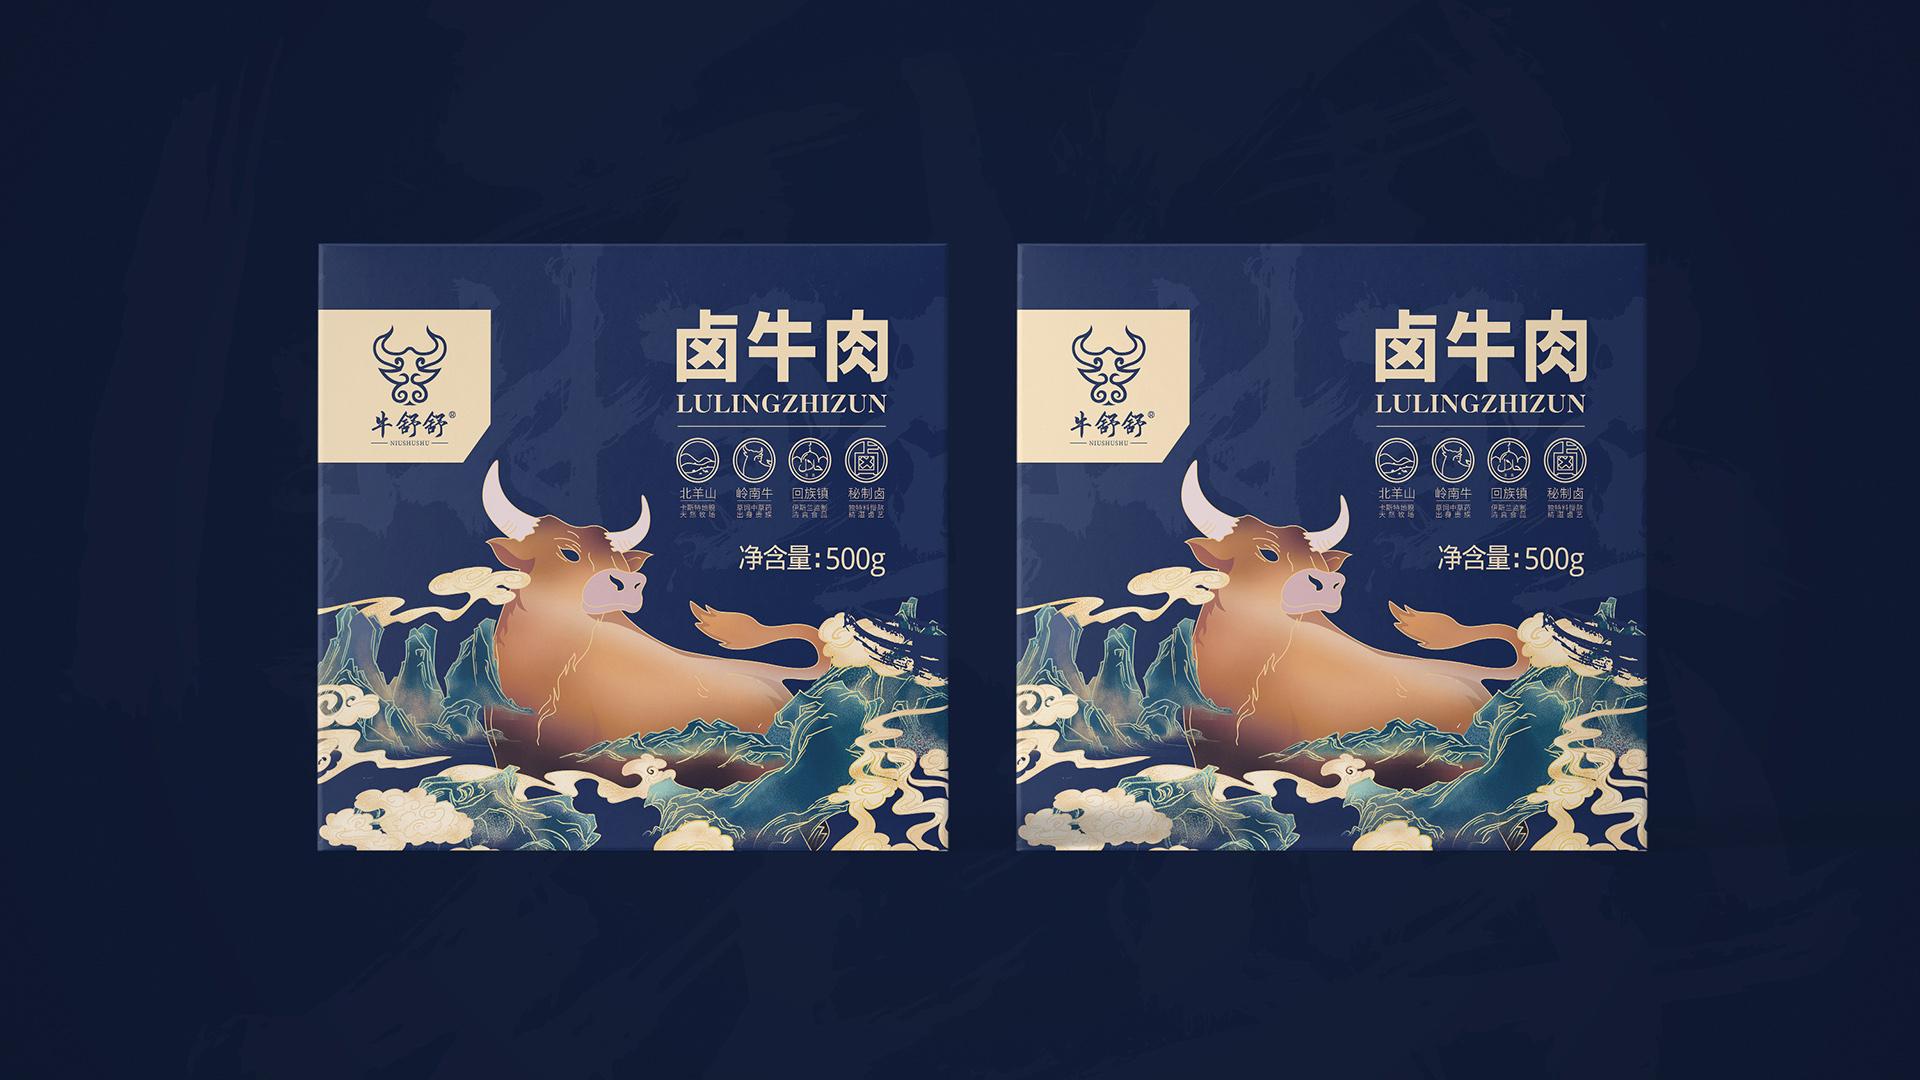 造塑创意X鲁林至尊 卤牛肉品牌包装设计